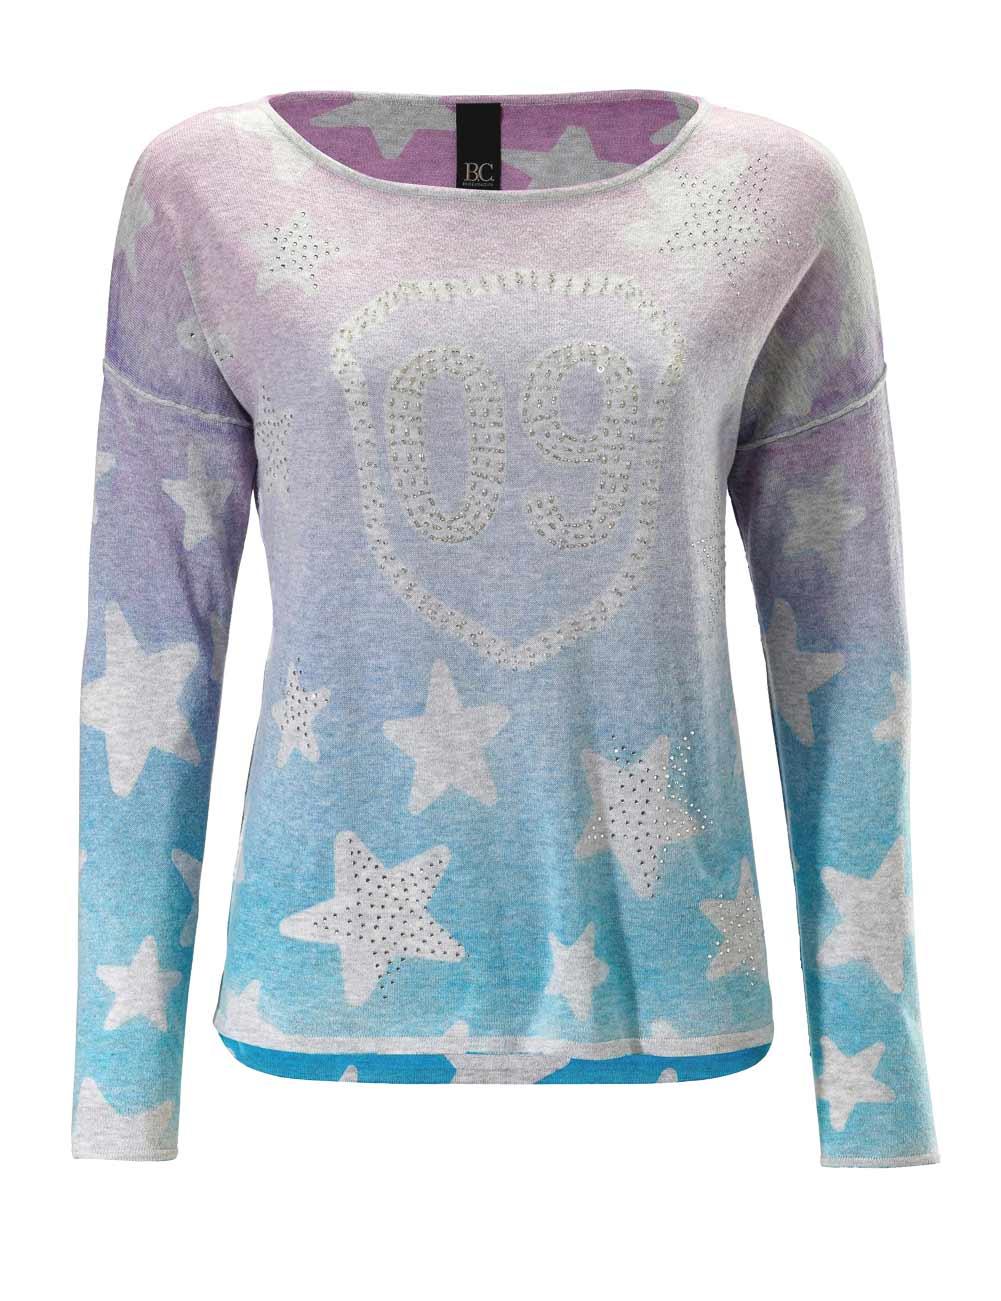 Heine - Best Connections Strickpullover Damen pink-blau 040.703 Missforty Online Shop